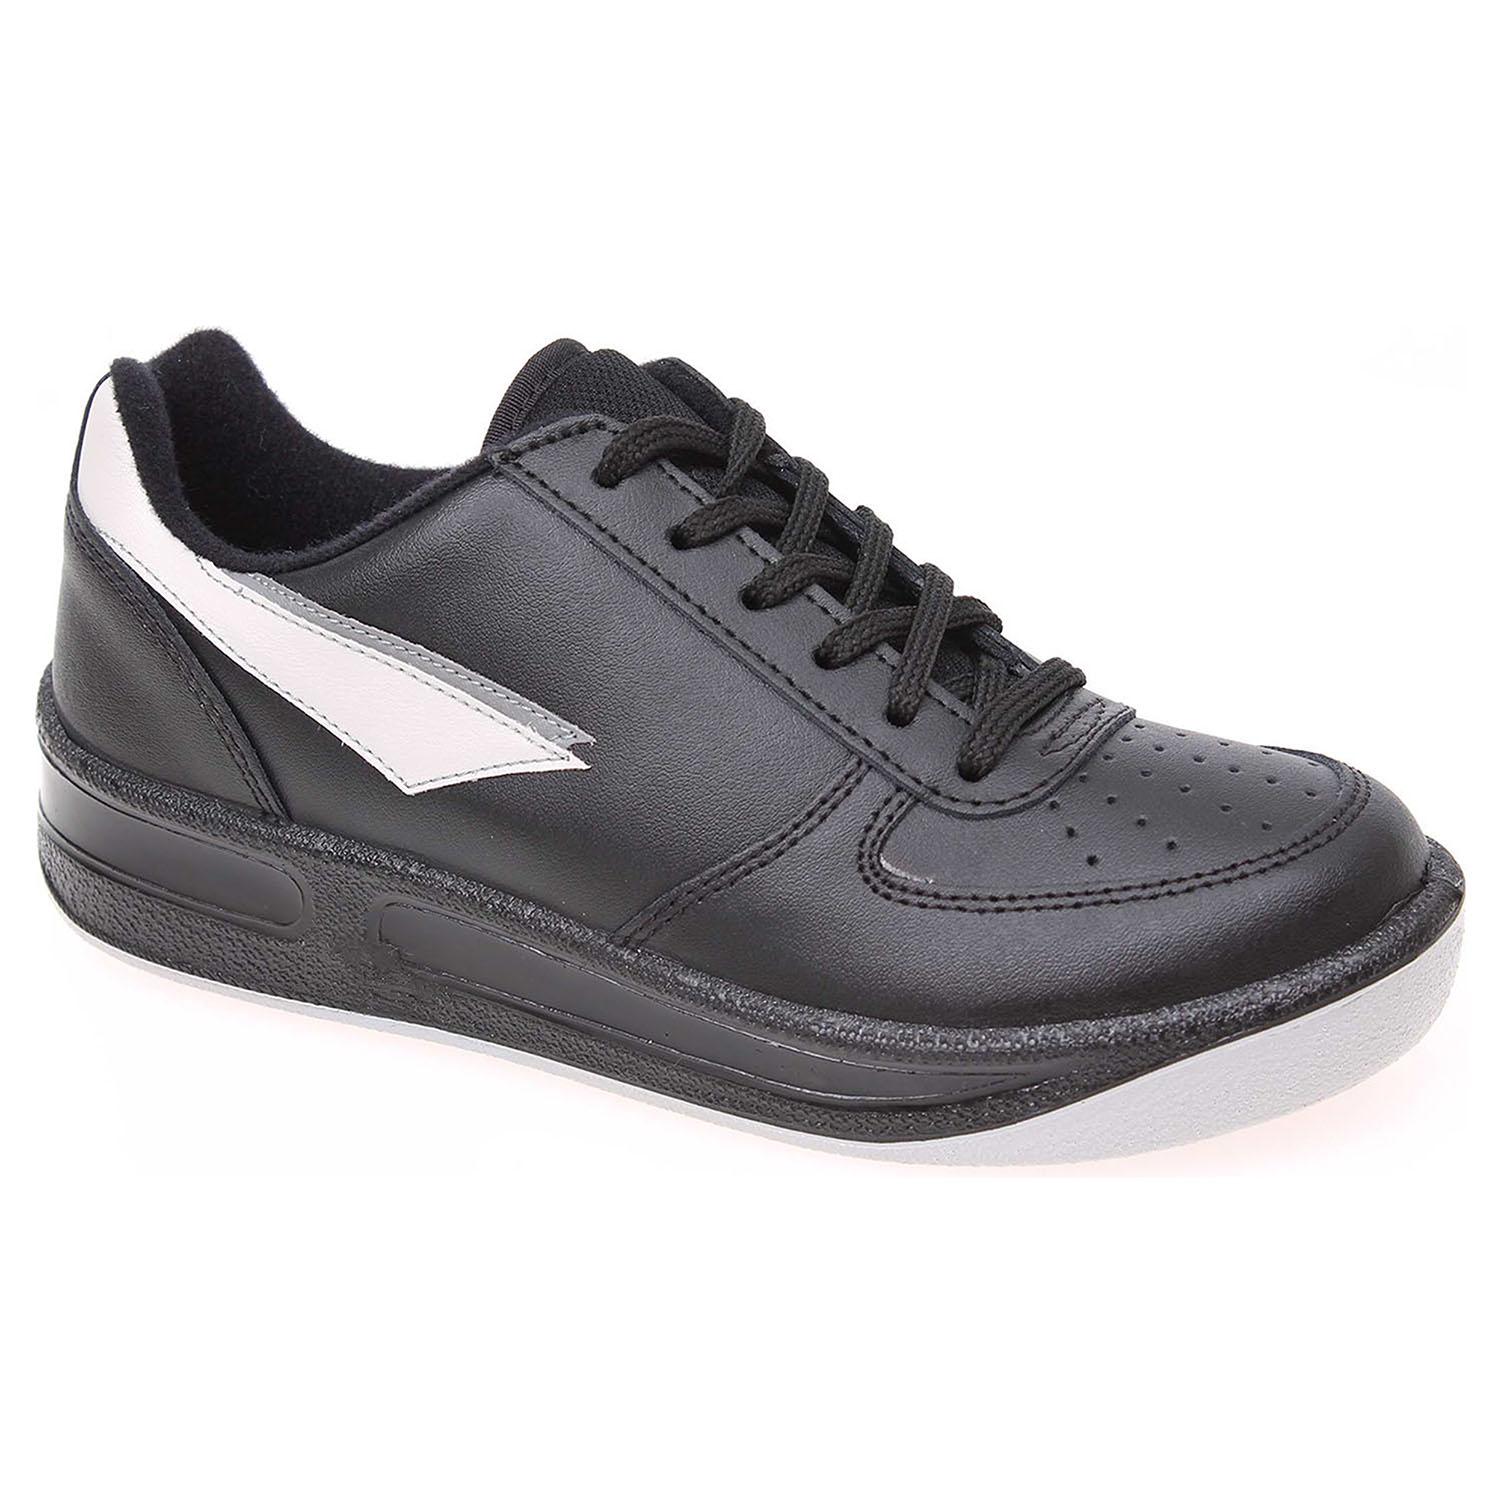 Ecco Dámská sportovní obuv Prestige M86808 černé 23900123